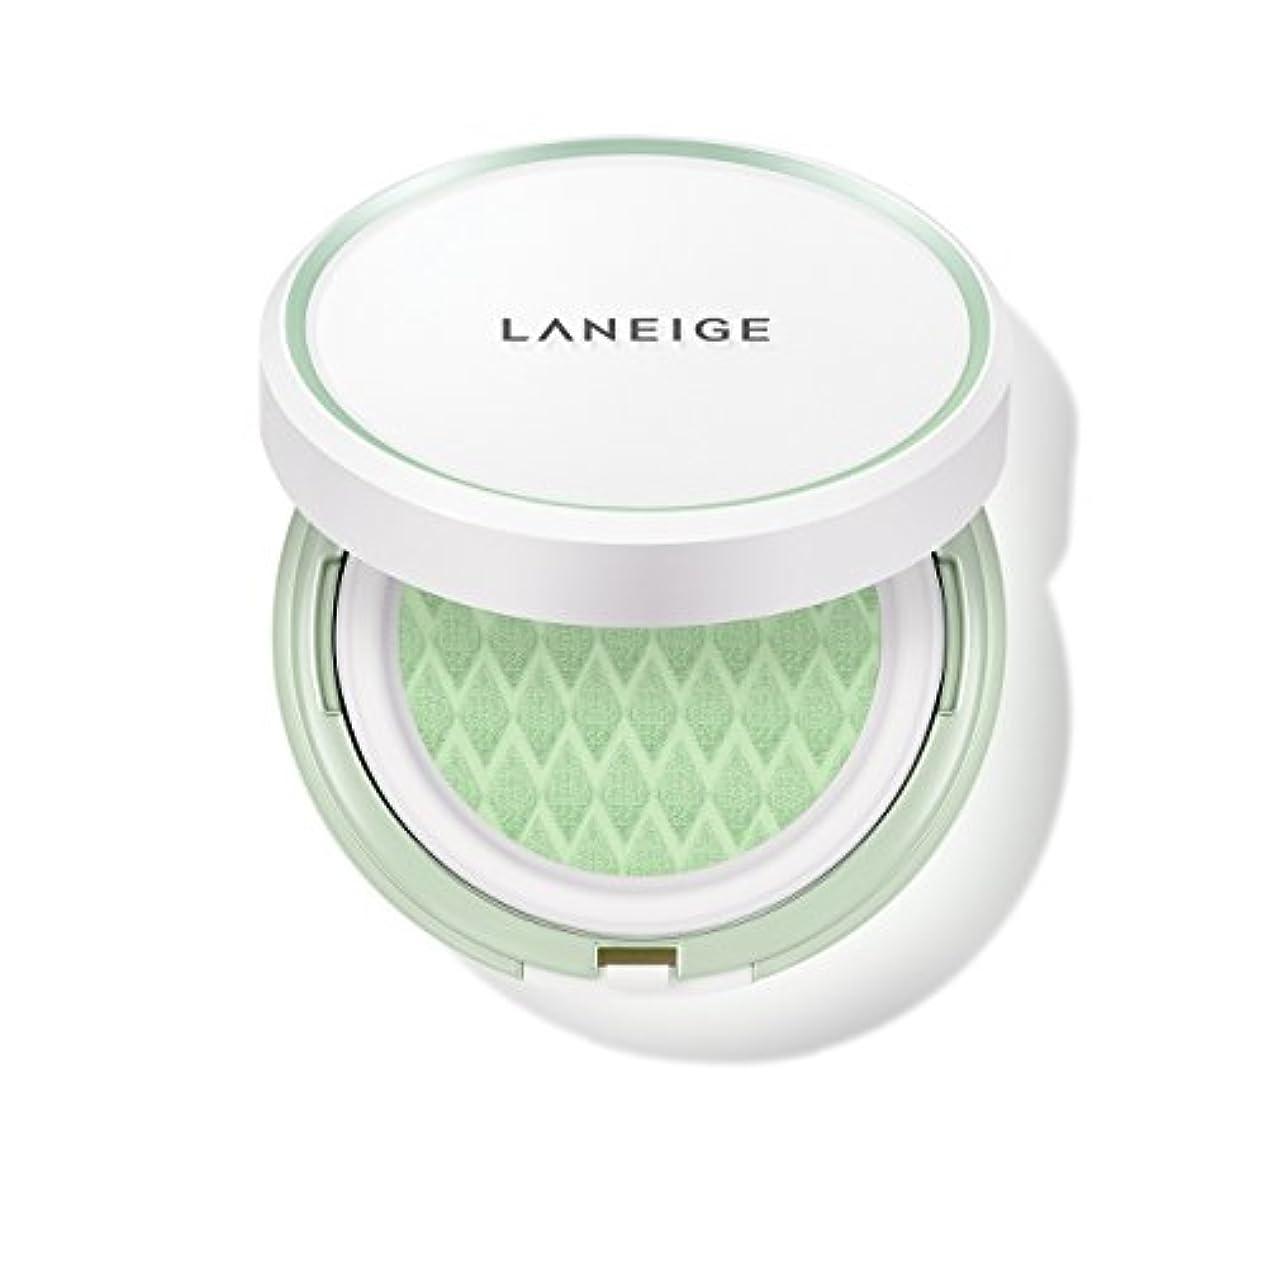 百年建てる我慢するラネージュ[LANEIGE]*AMOREPACIFIC*[新商品]スキンベなベースクッションSPF 22PA++(#60 Light Green) 15g*2 / LANEIGE Skin Veil Base Cushion...